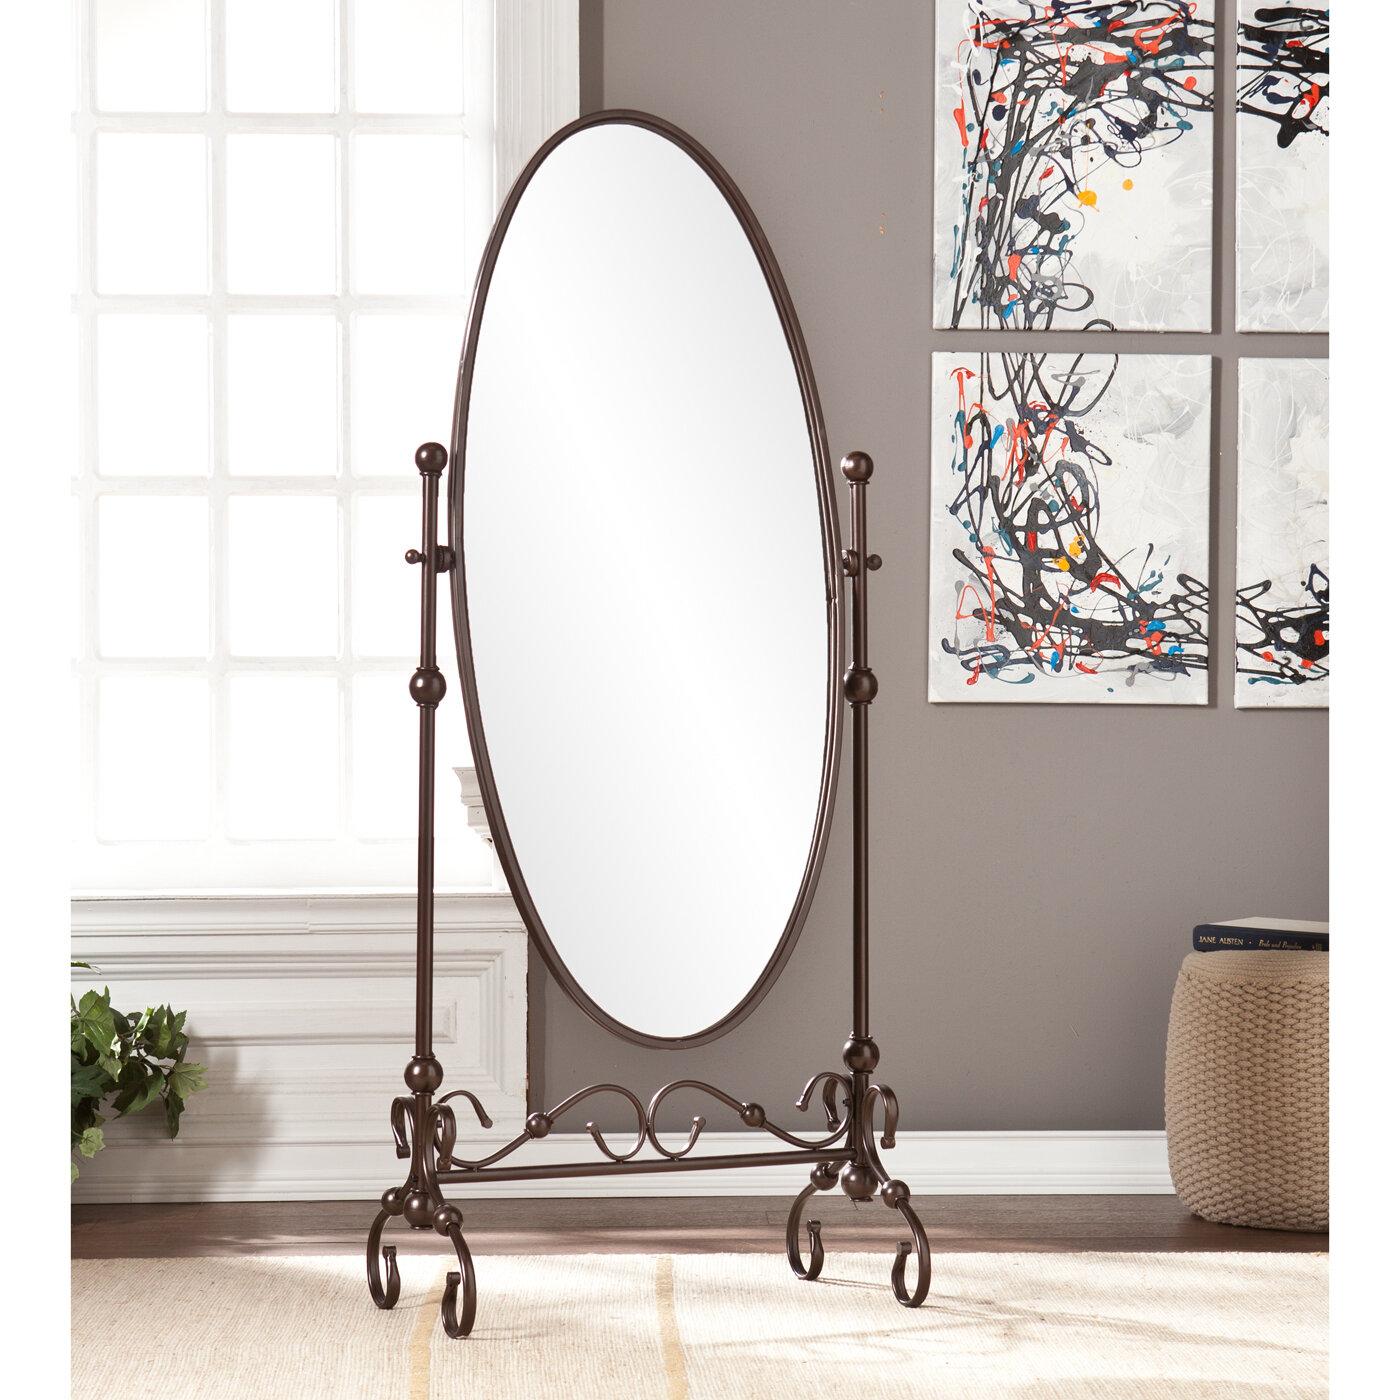 Sleek mirror floor full length cheval accent decor tilt standing frame vanity ebay for Floor vanity mirror